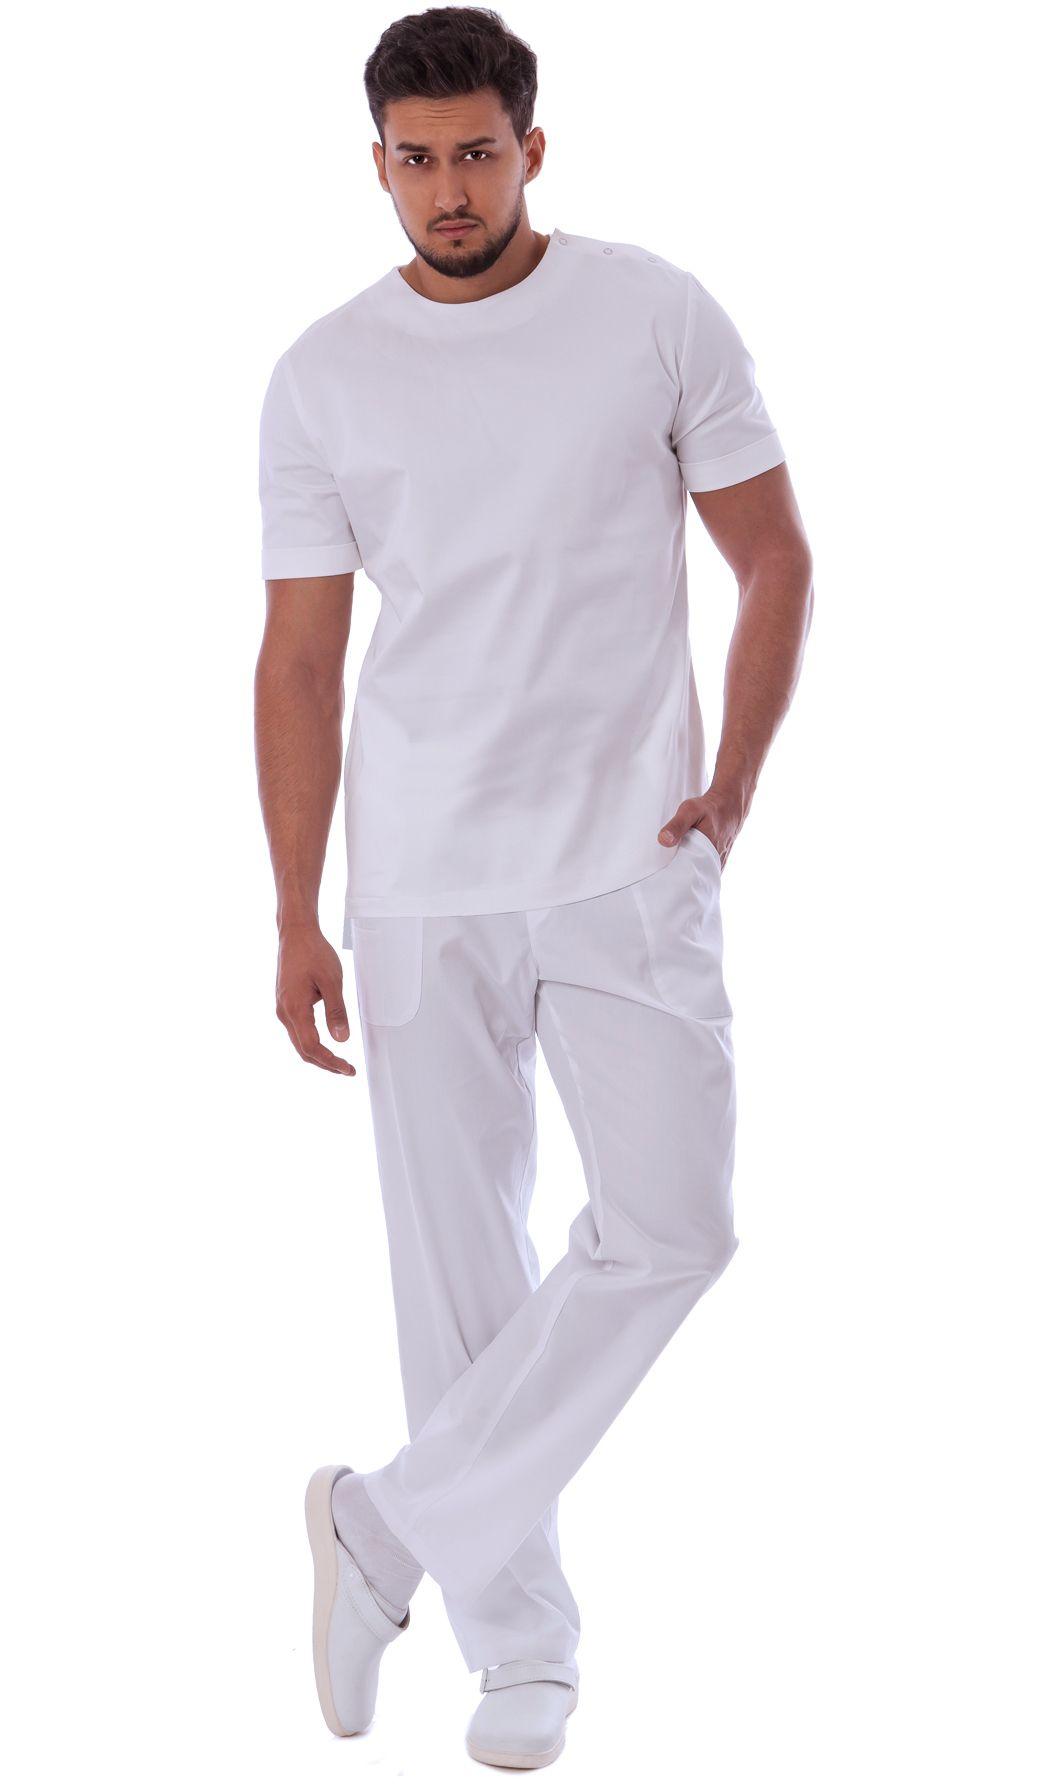 Блузы мужские медицинские М 47 - купить, цена, отзывы ...